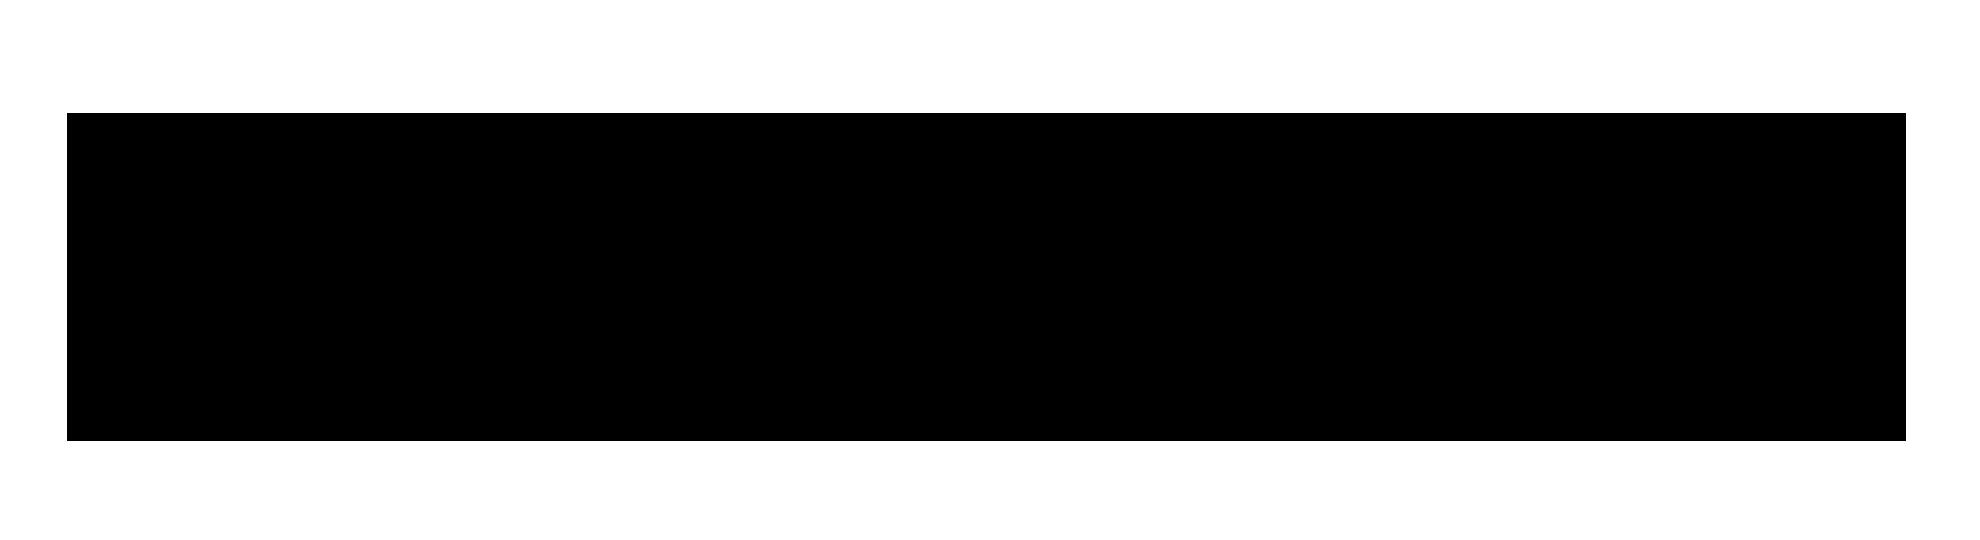 Signatur-black